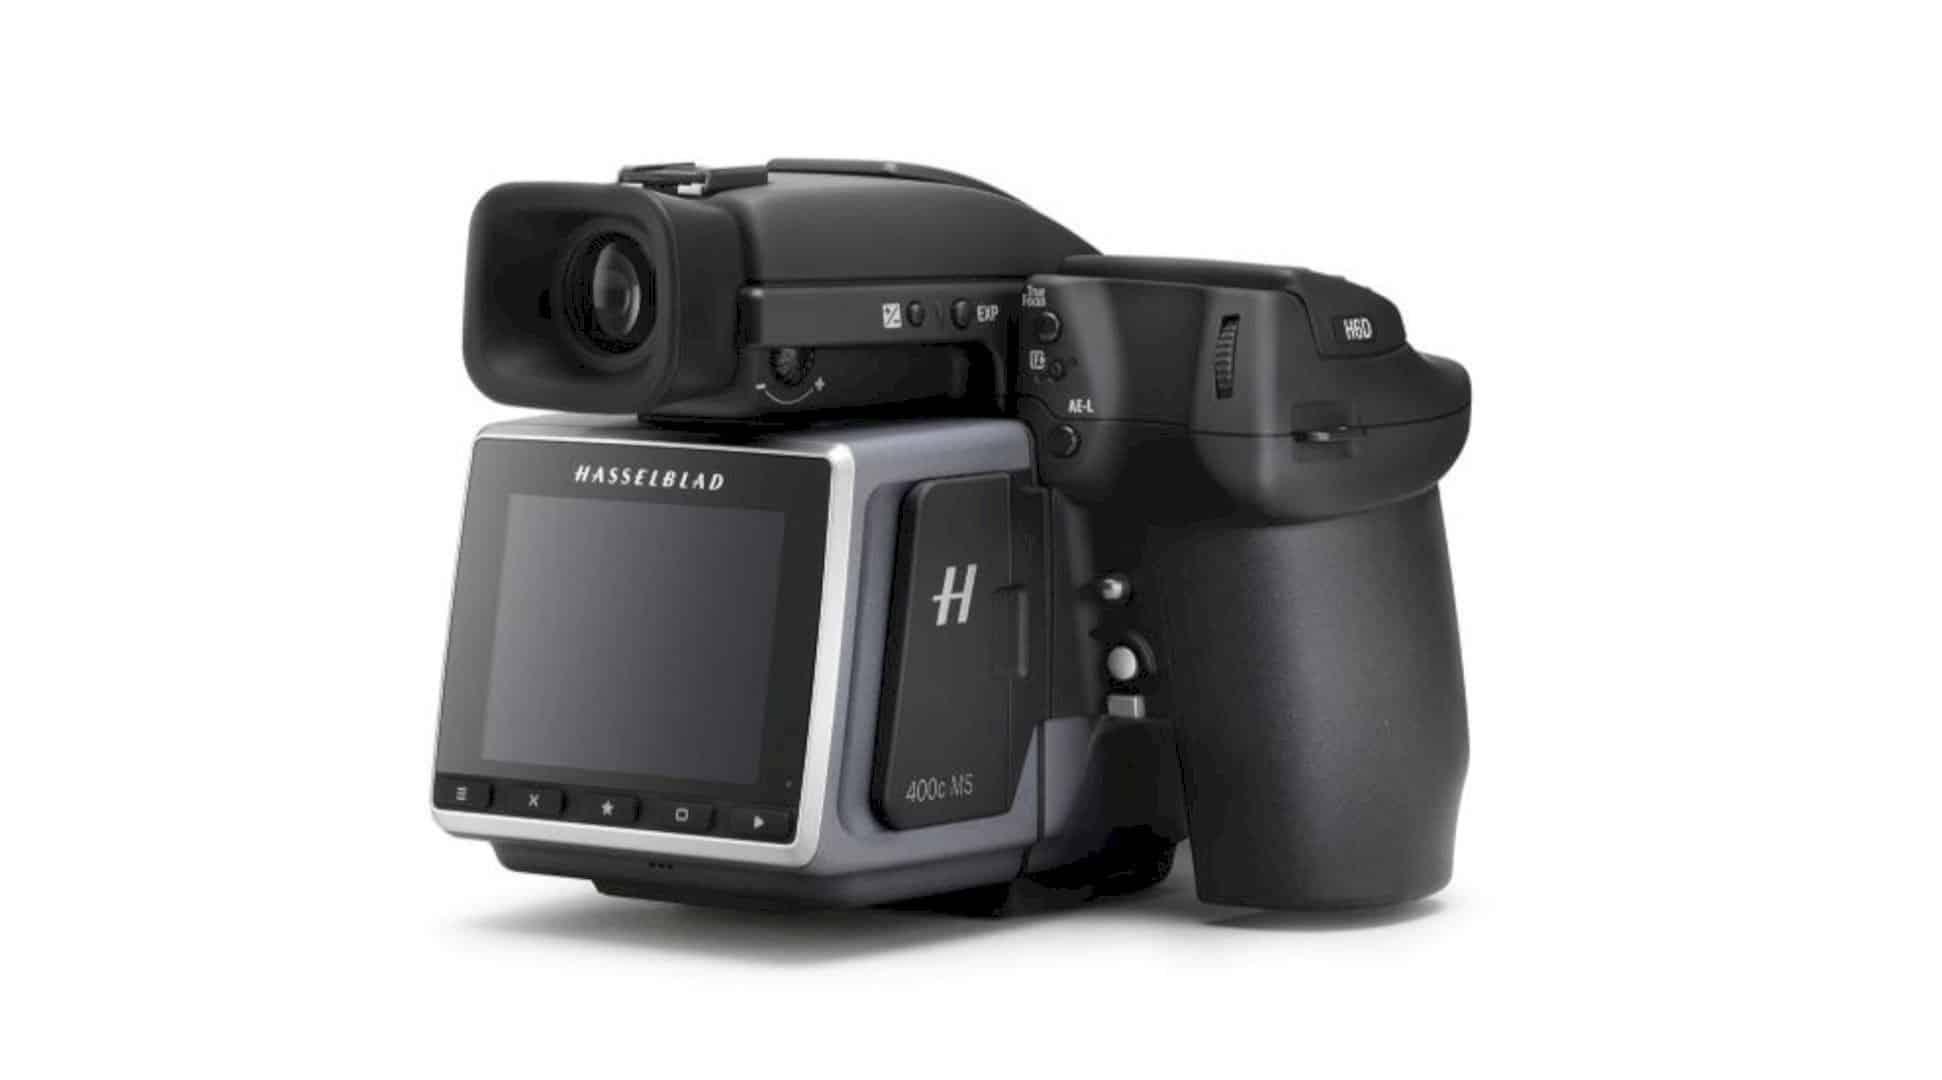 H6D 400C MS 2